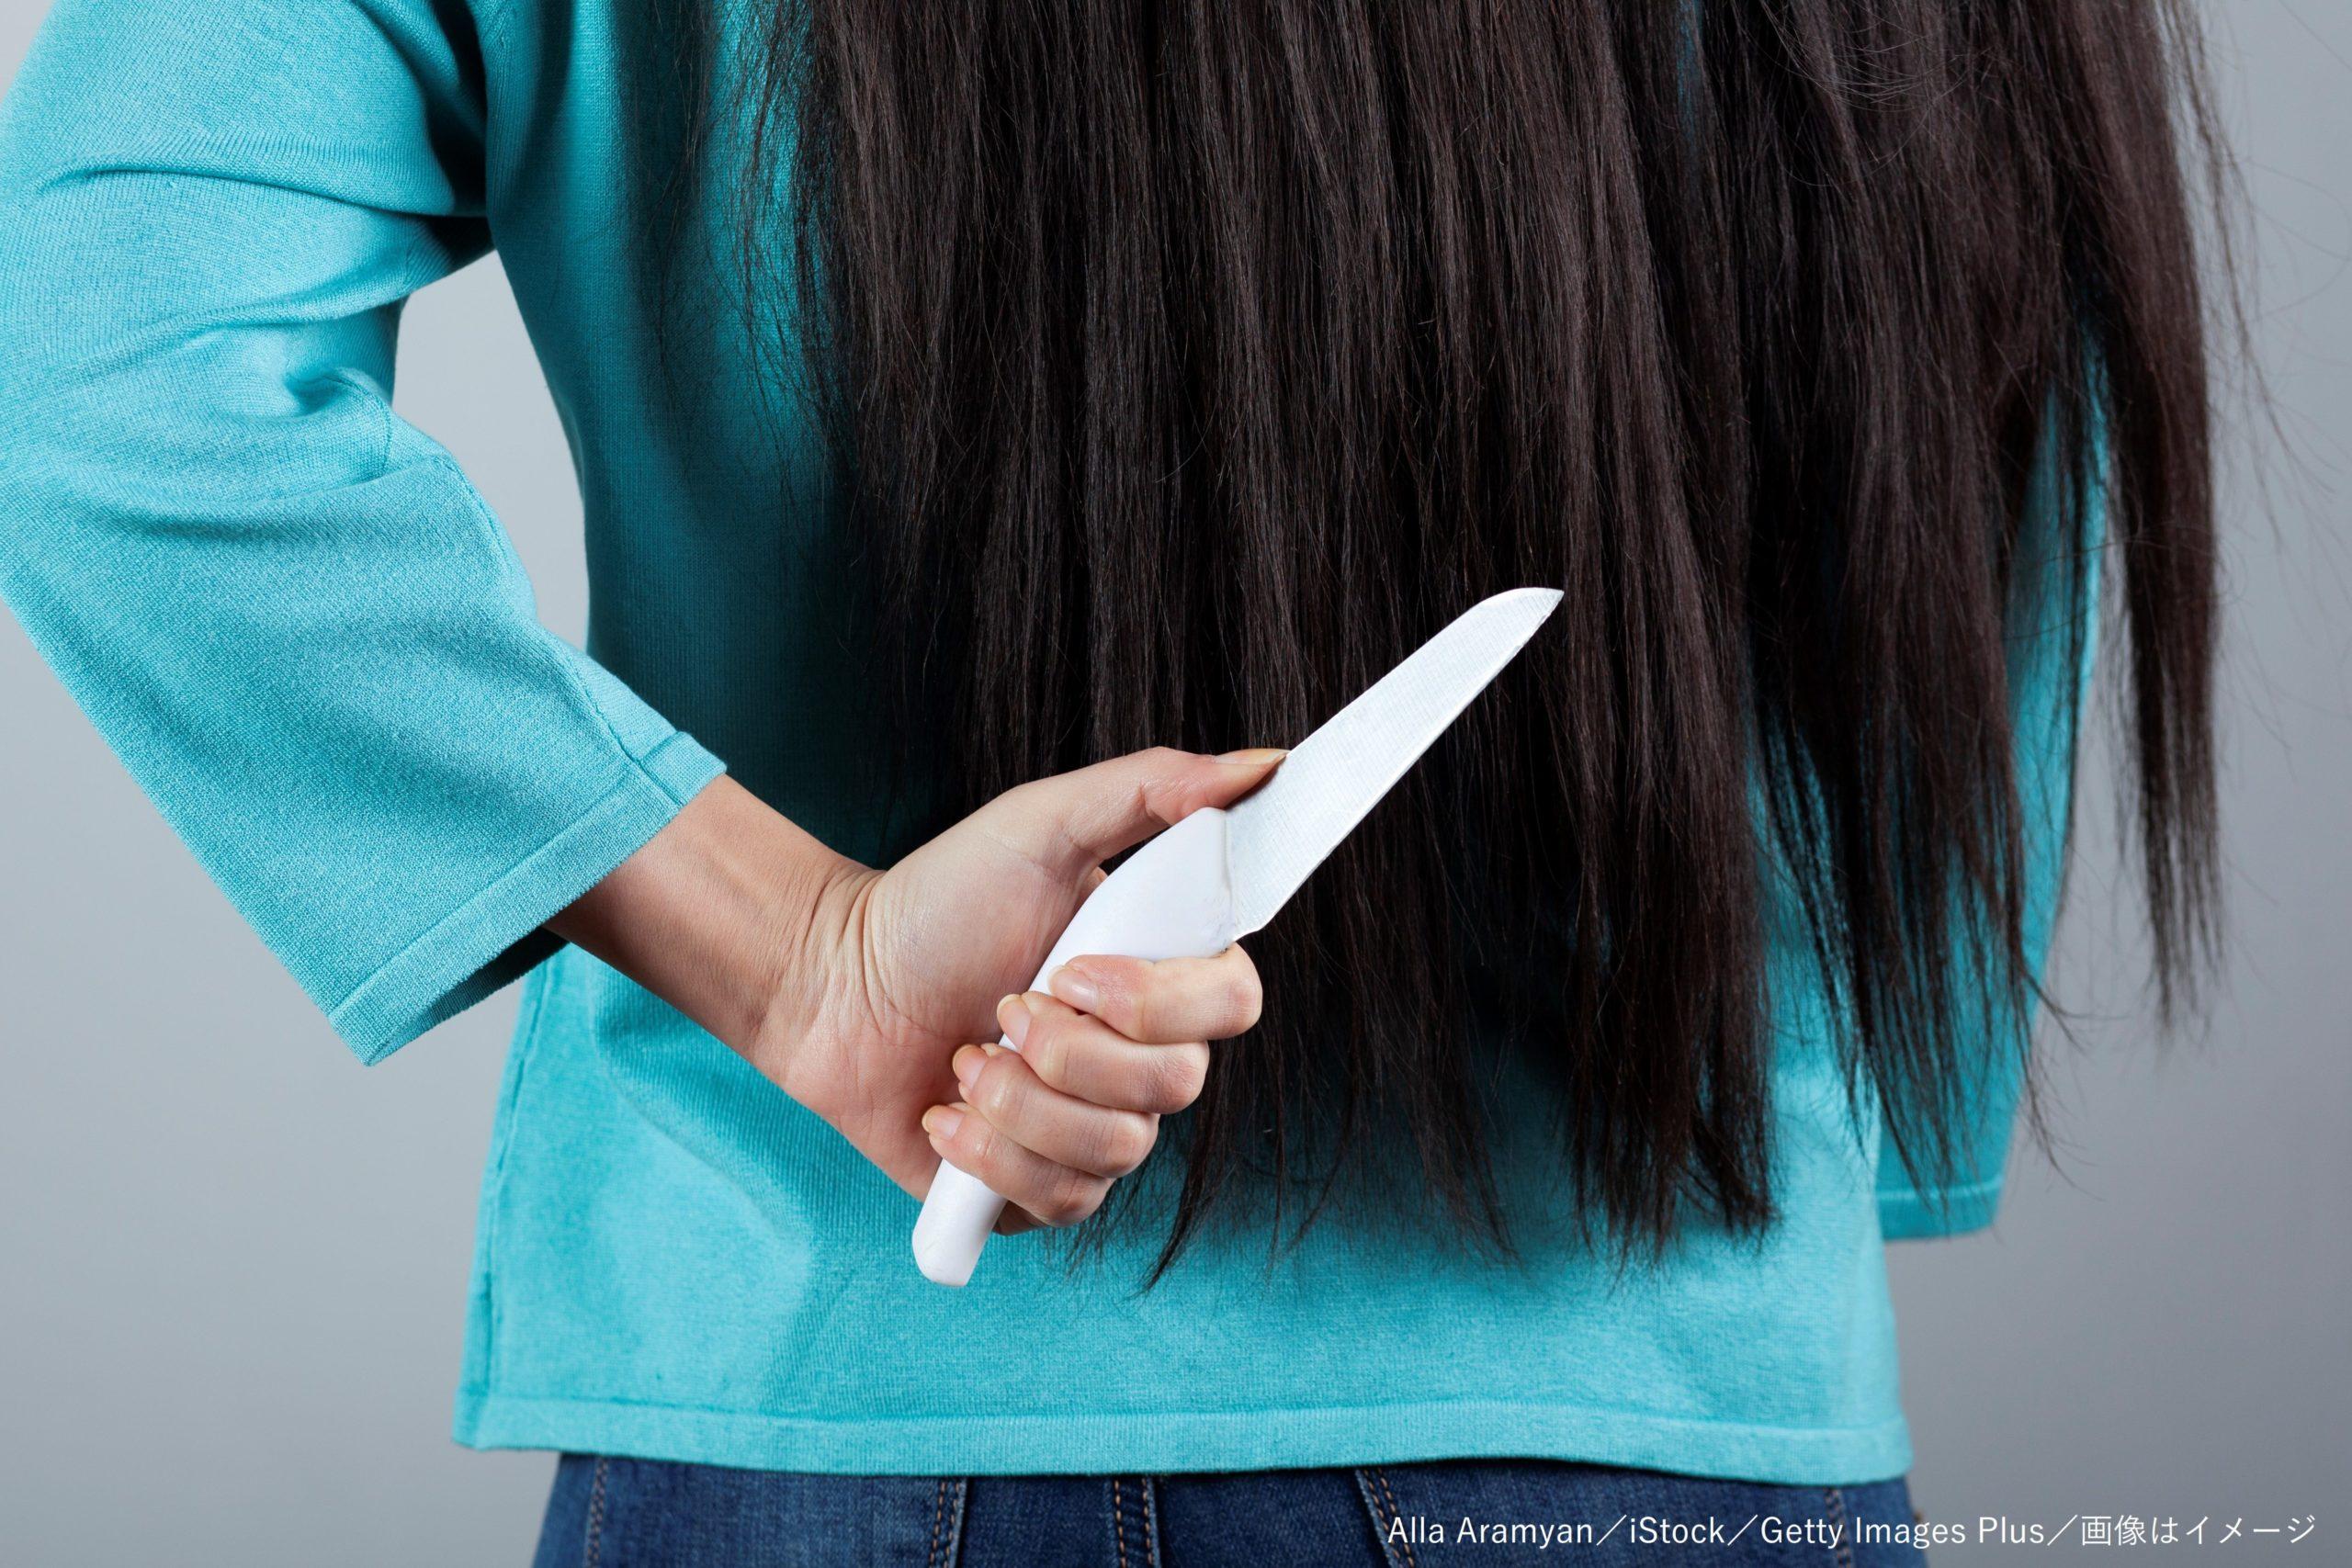 ナイフ・刃物・女性